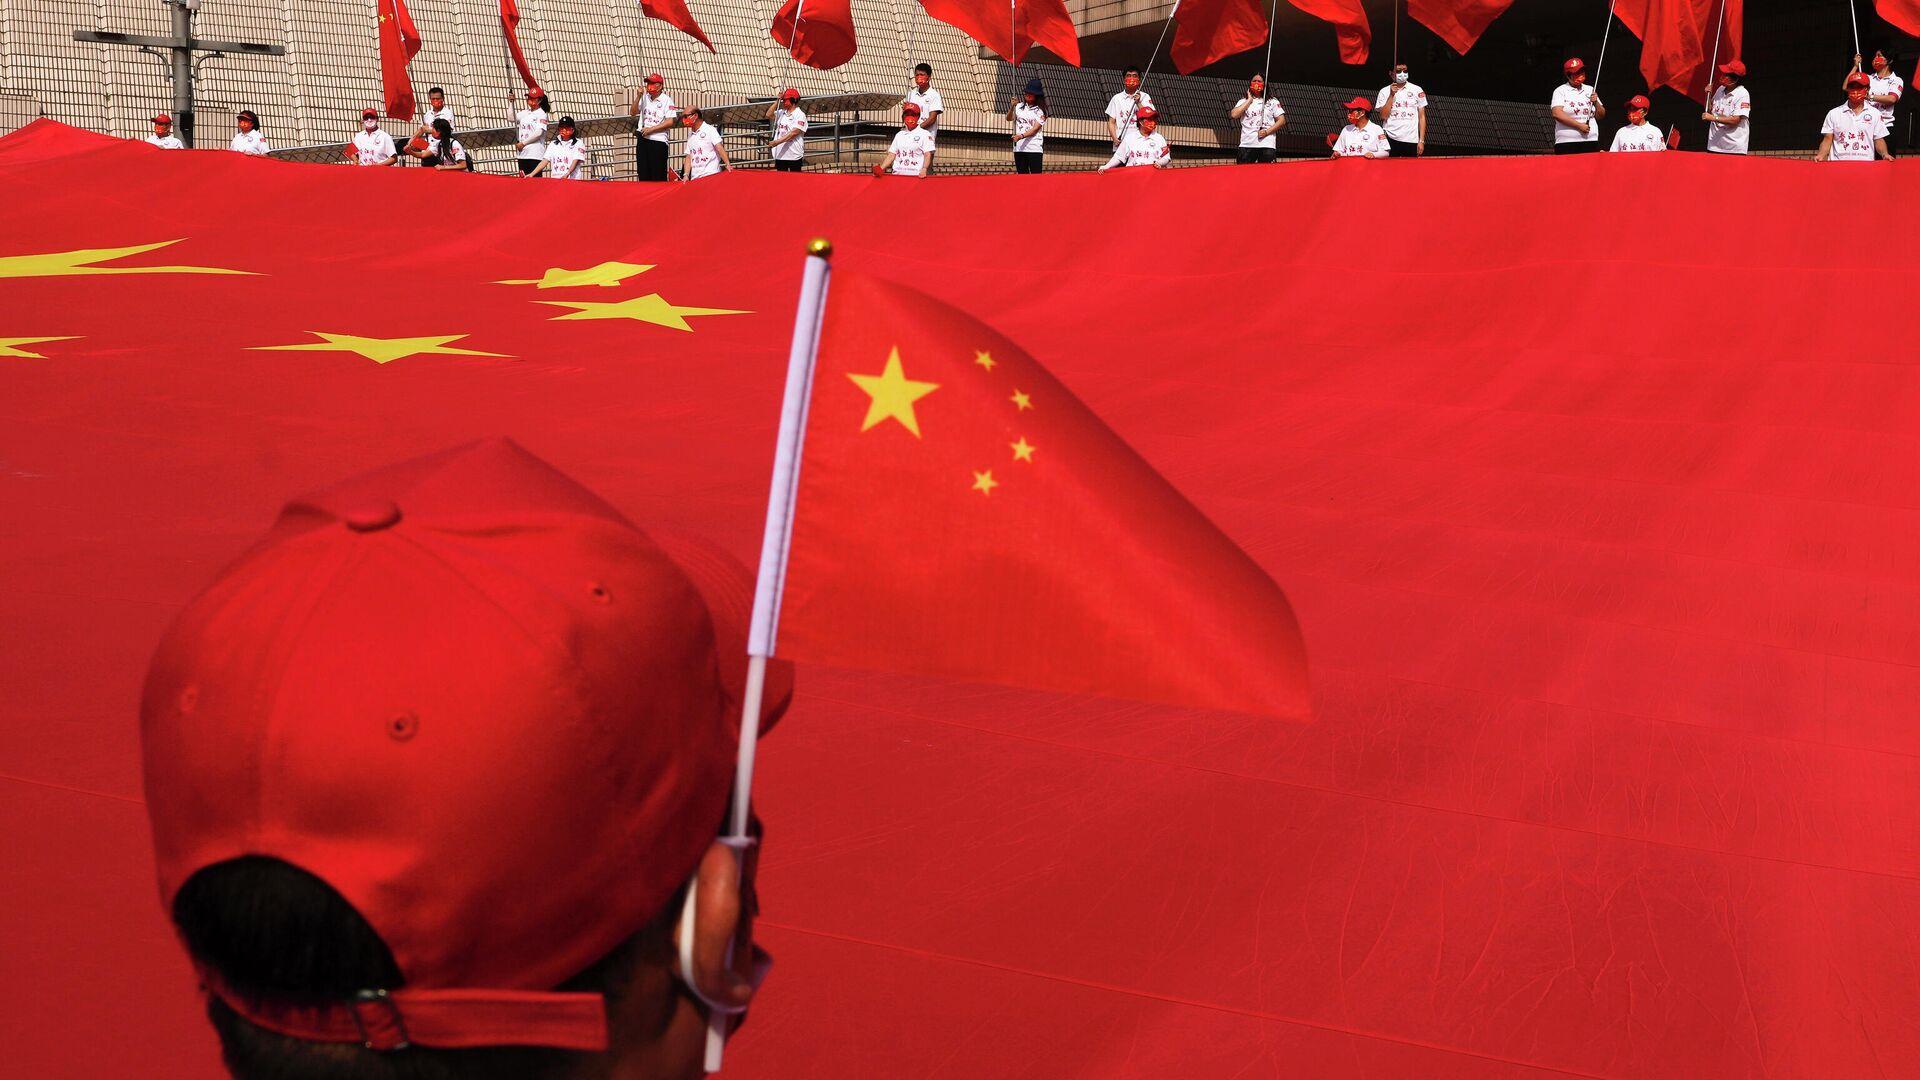 Китайский национальный флаг во время церемонии празднования 72-го Национального дня Китая - Sputnik Узбекистан, 1920, 05.10.2021